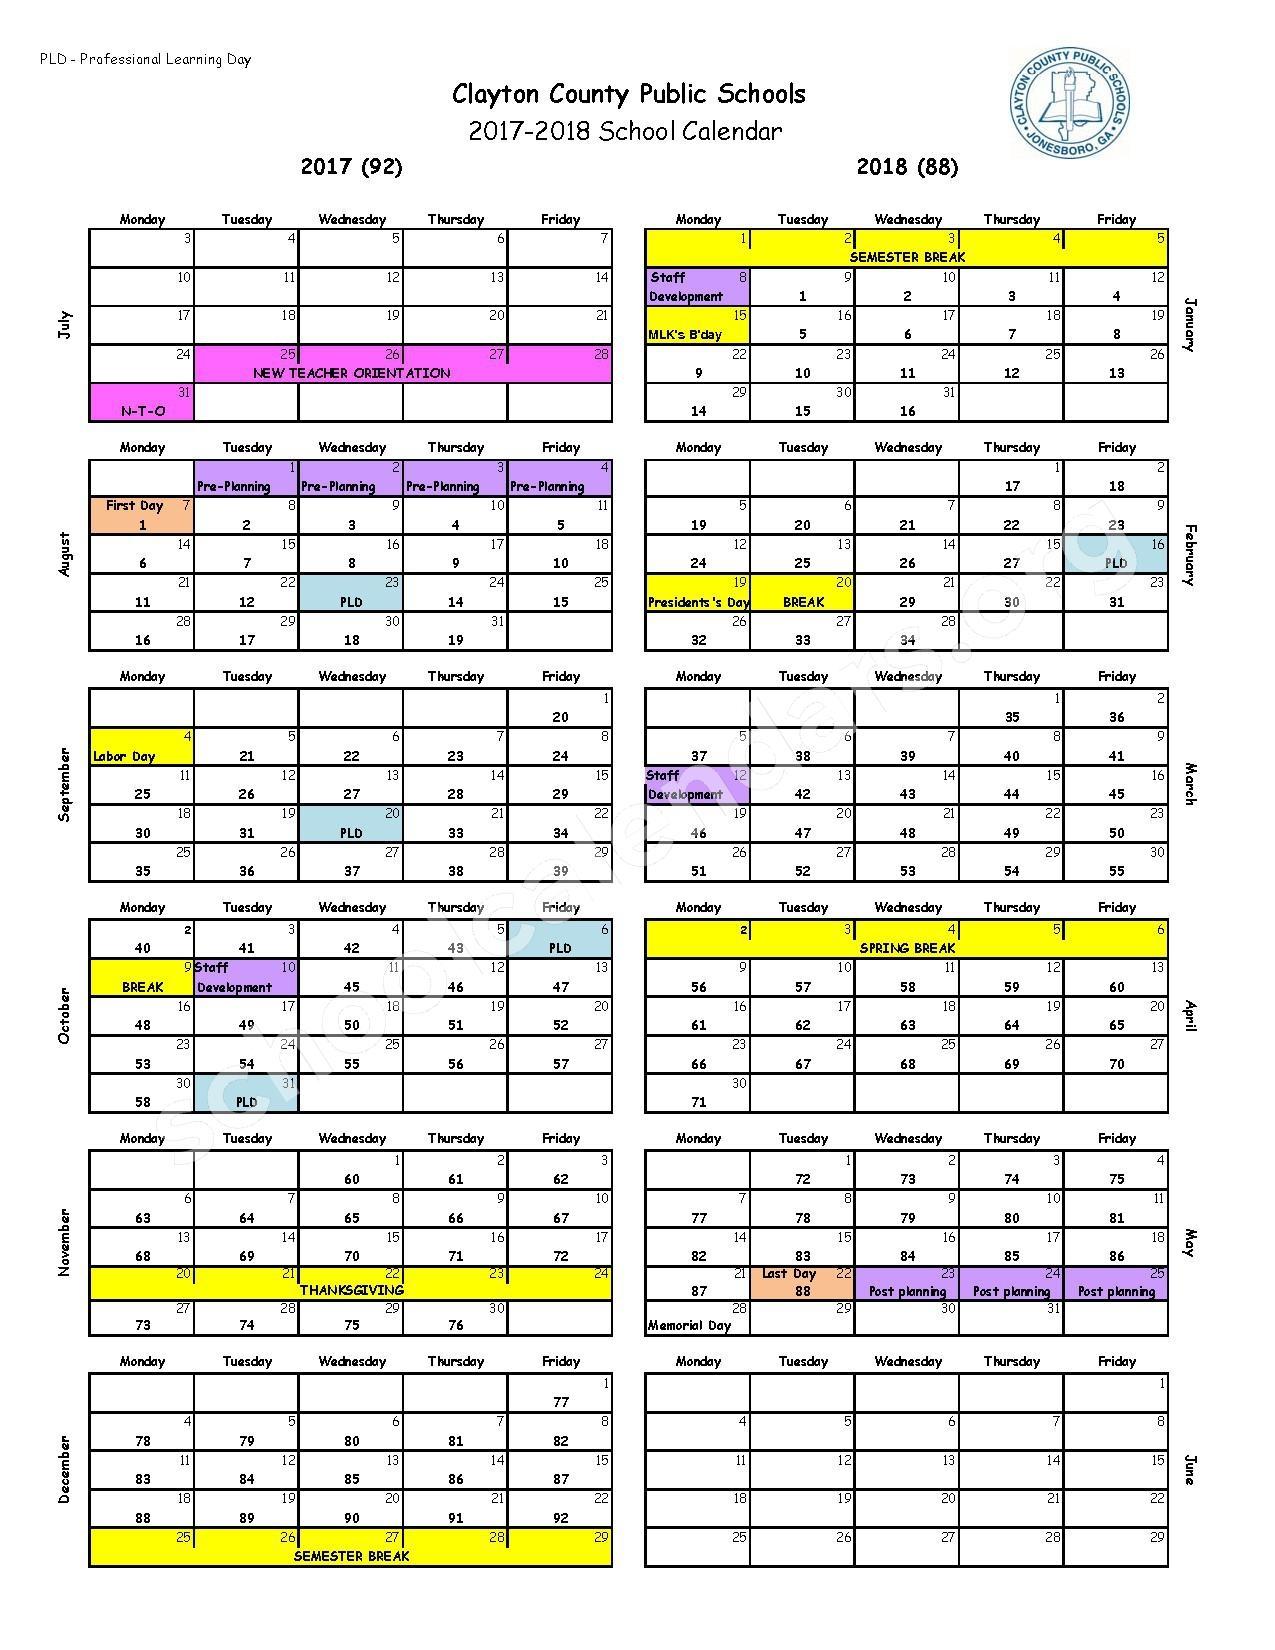 Clayton County Schools Calendar